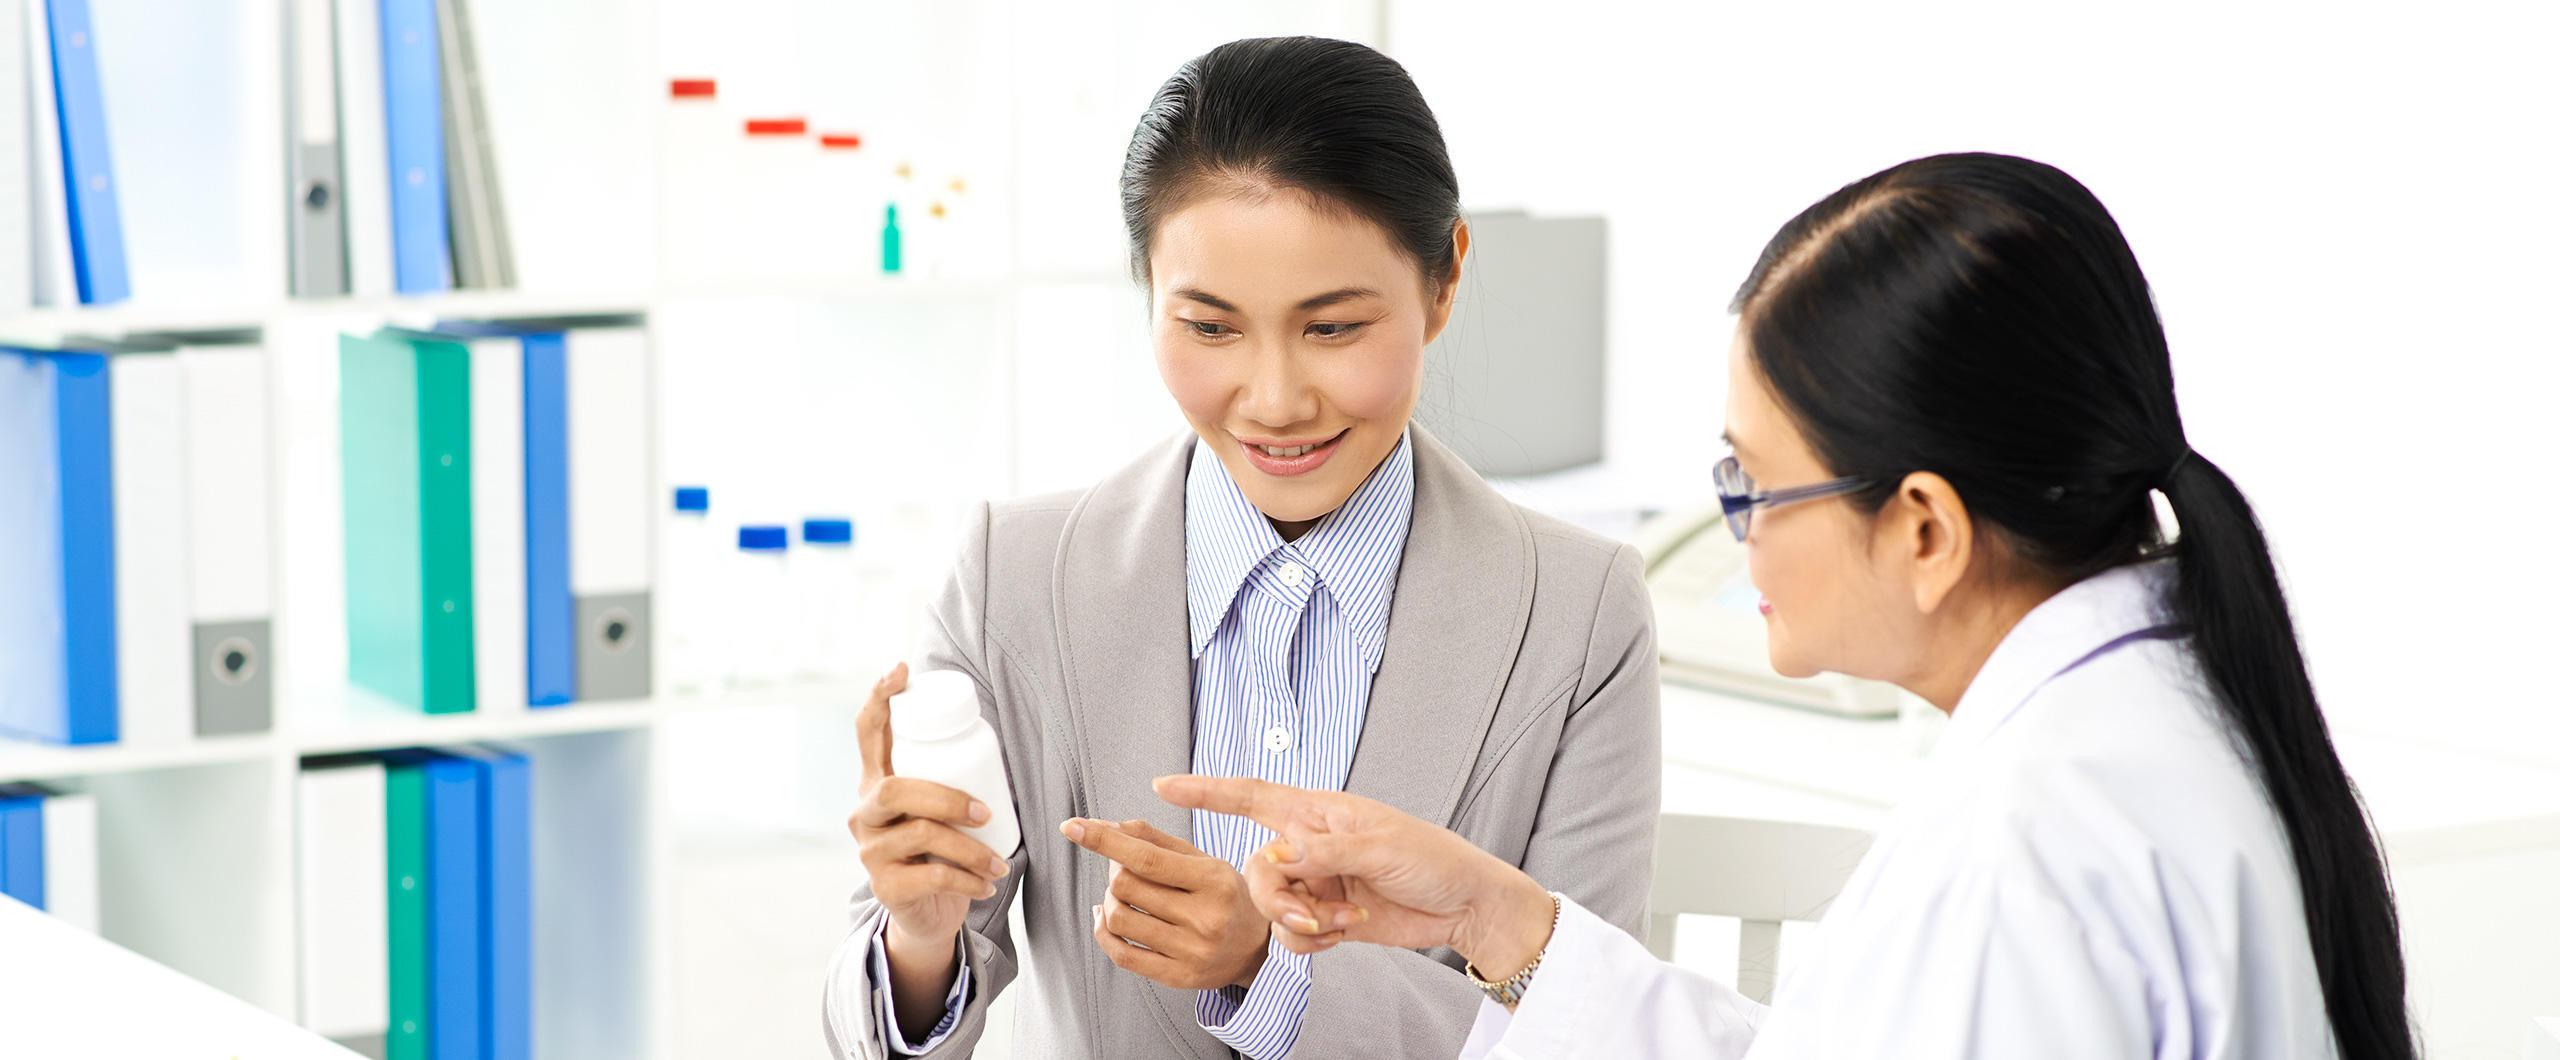 臨床開発事業 | 株式会社リニカ...